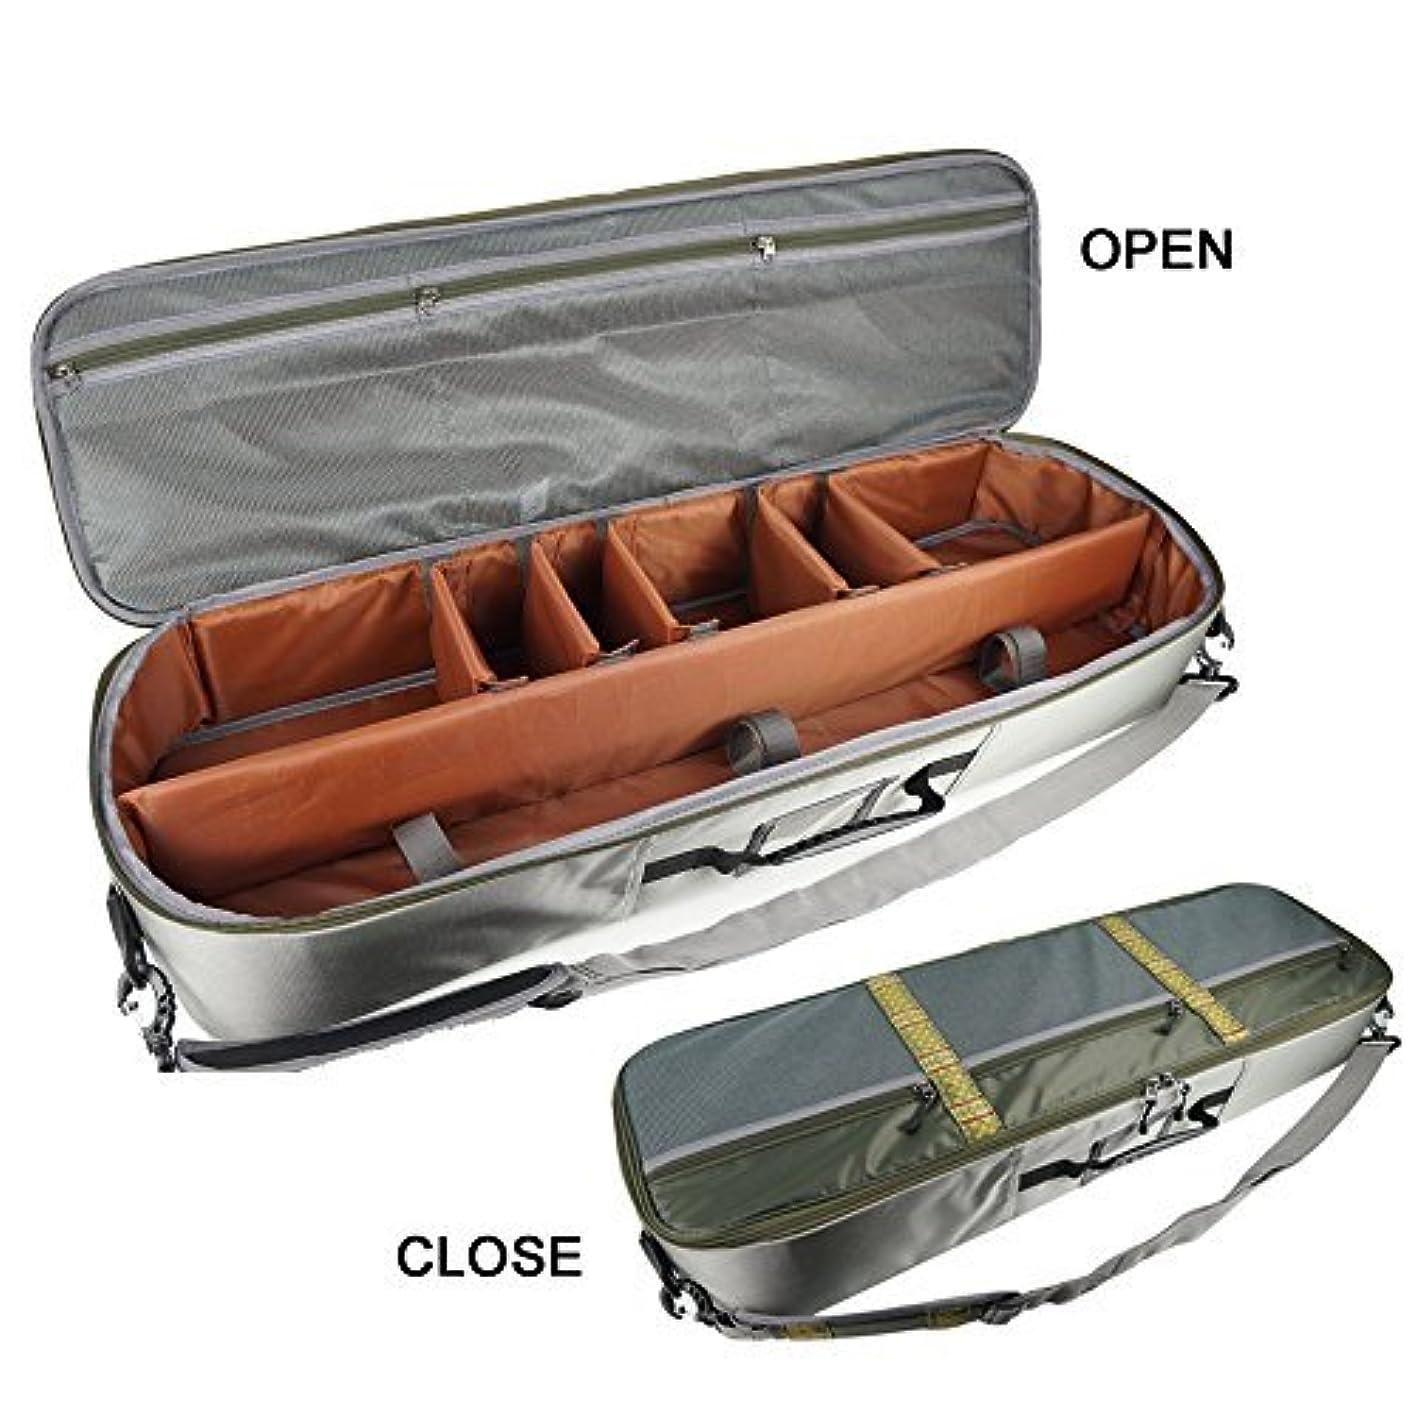 貧困不和状態Aventik多機能釣りロッド&ギアケースAll in One持ち運び簡単、スーパーライト重量、飛行機許可、コンパートメント調整可能